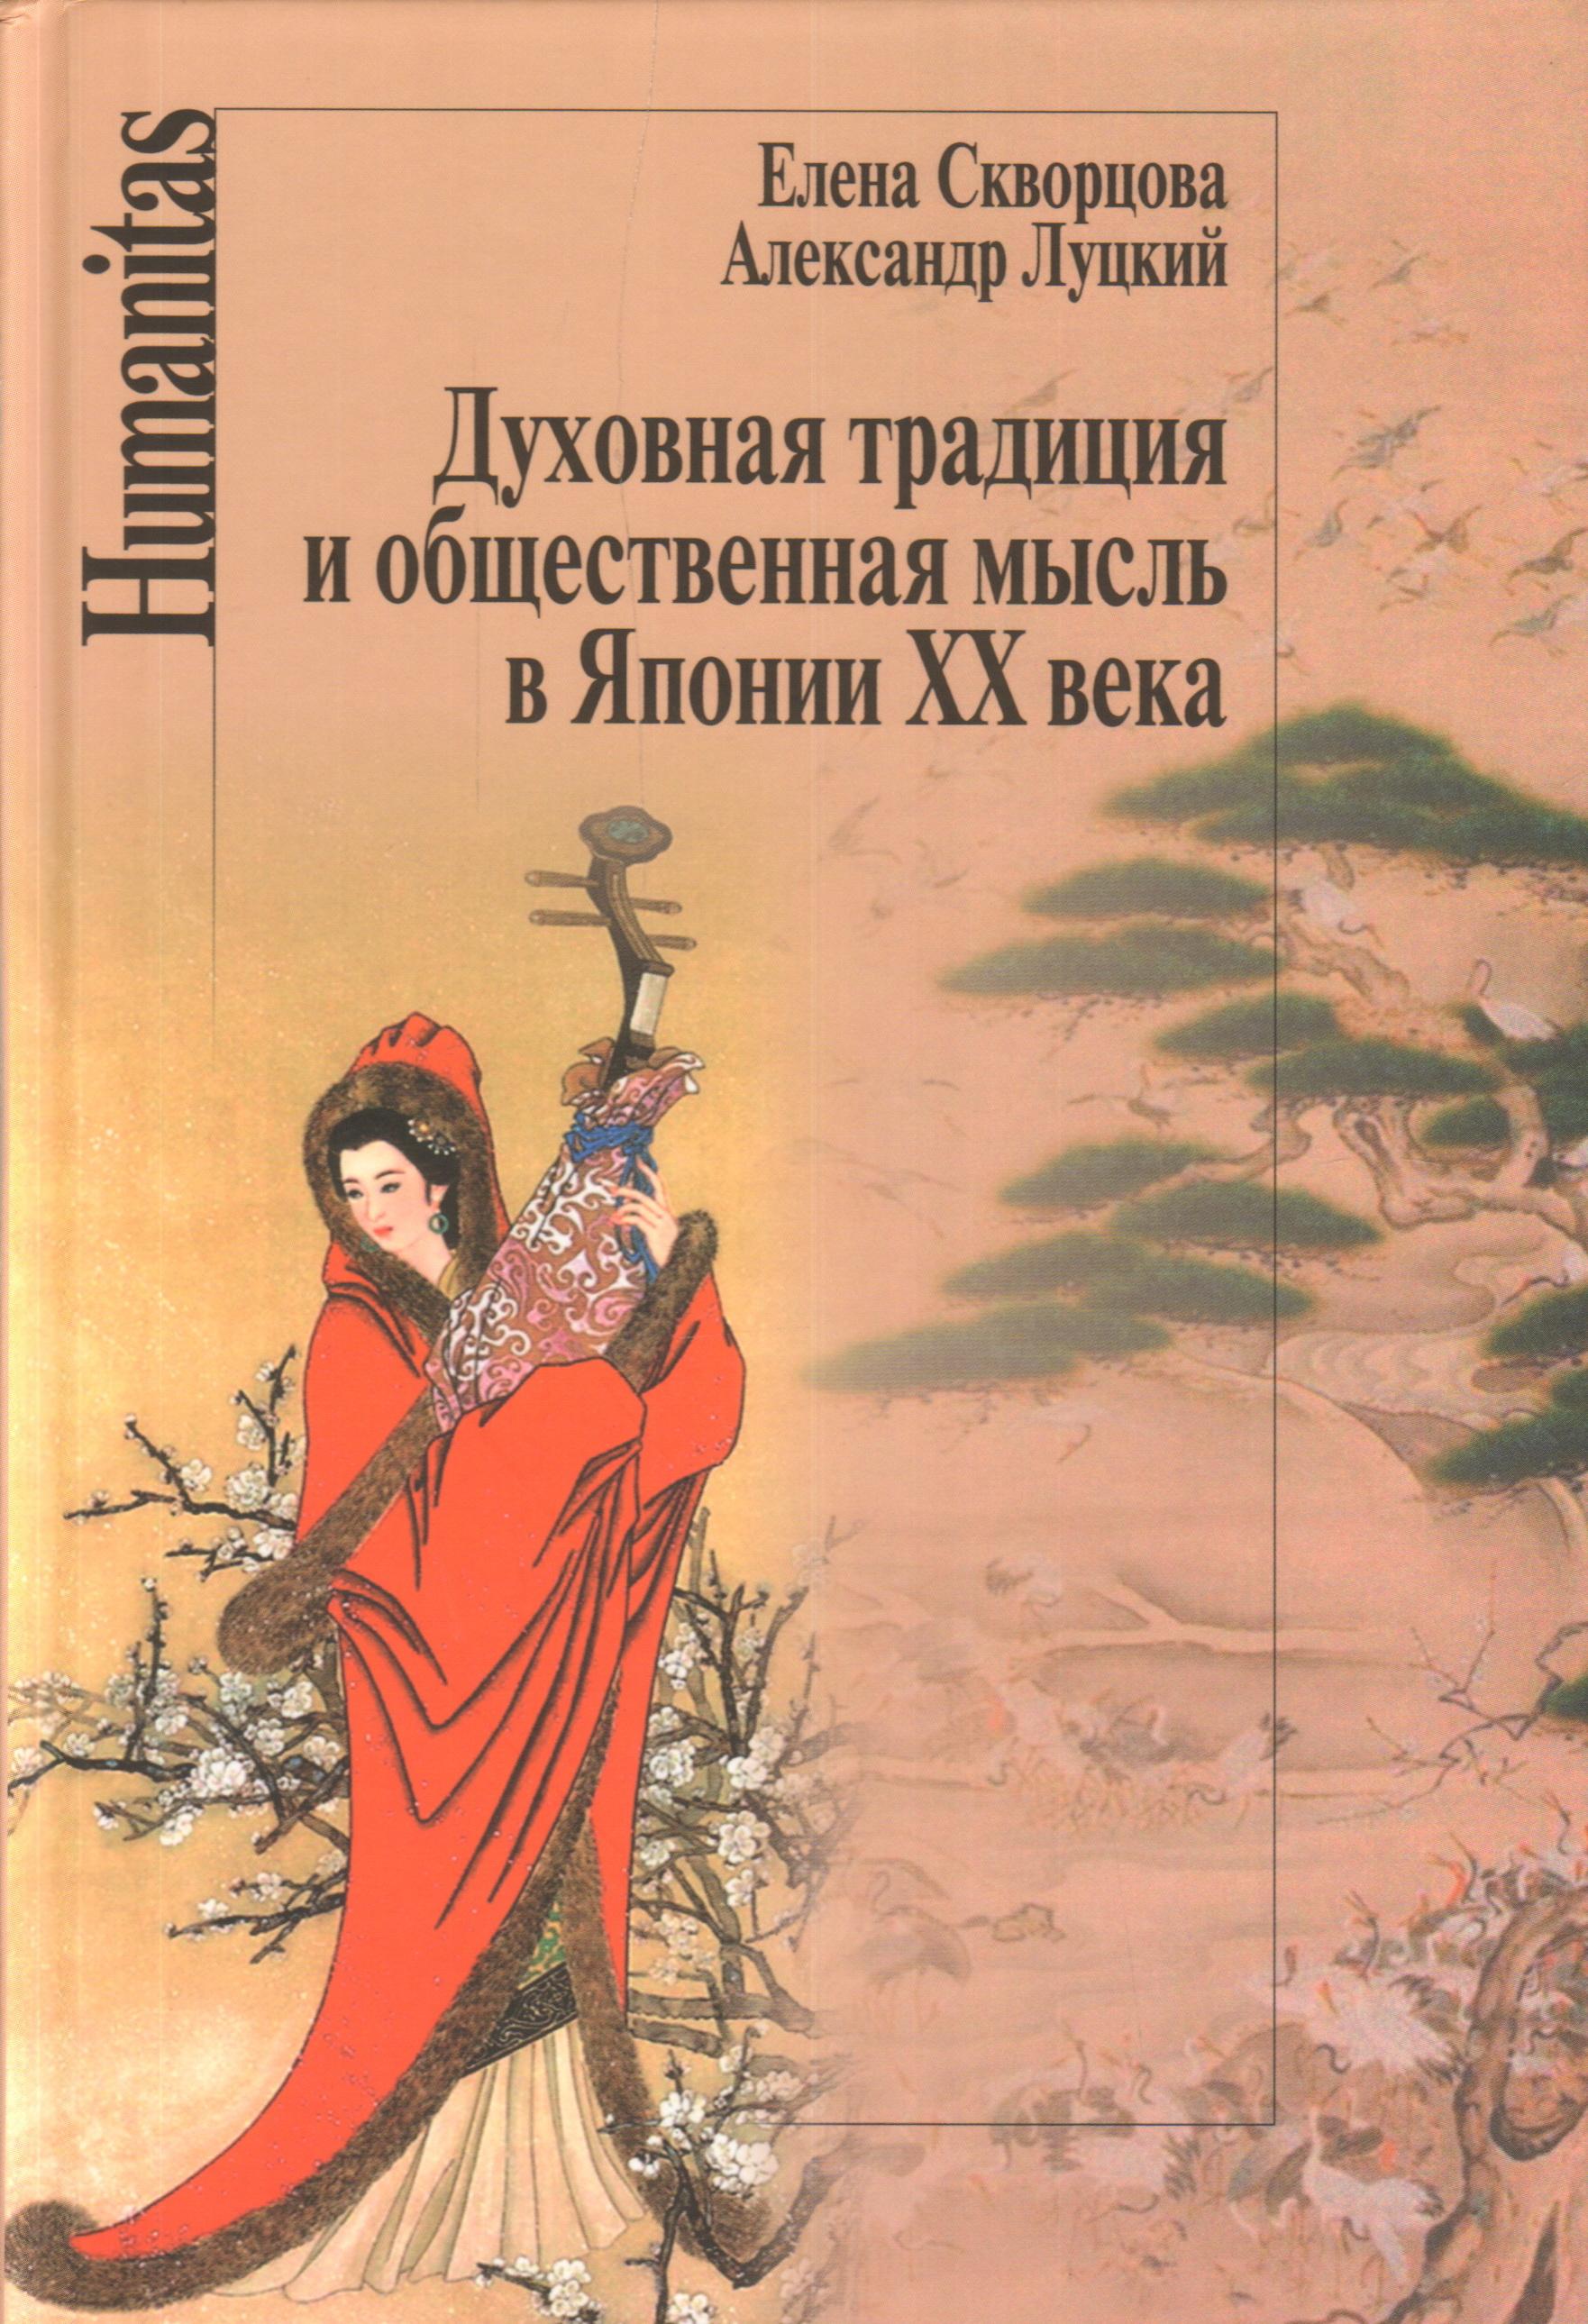 Духовная традиция и общественная мысль в Японии XX века. Скворцова Е.Л., Луцкий А.Л.